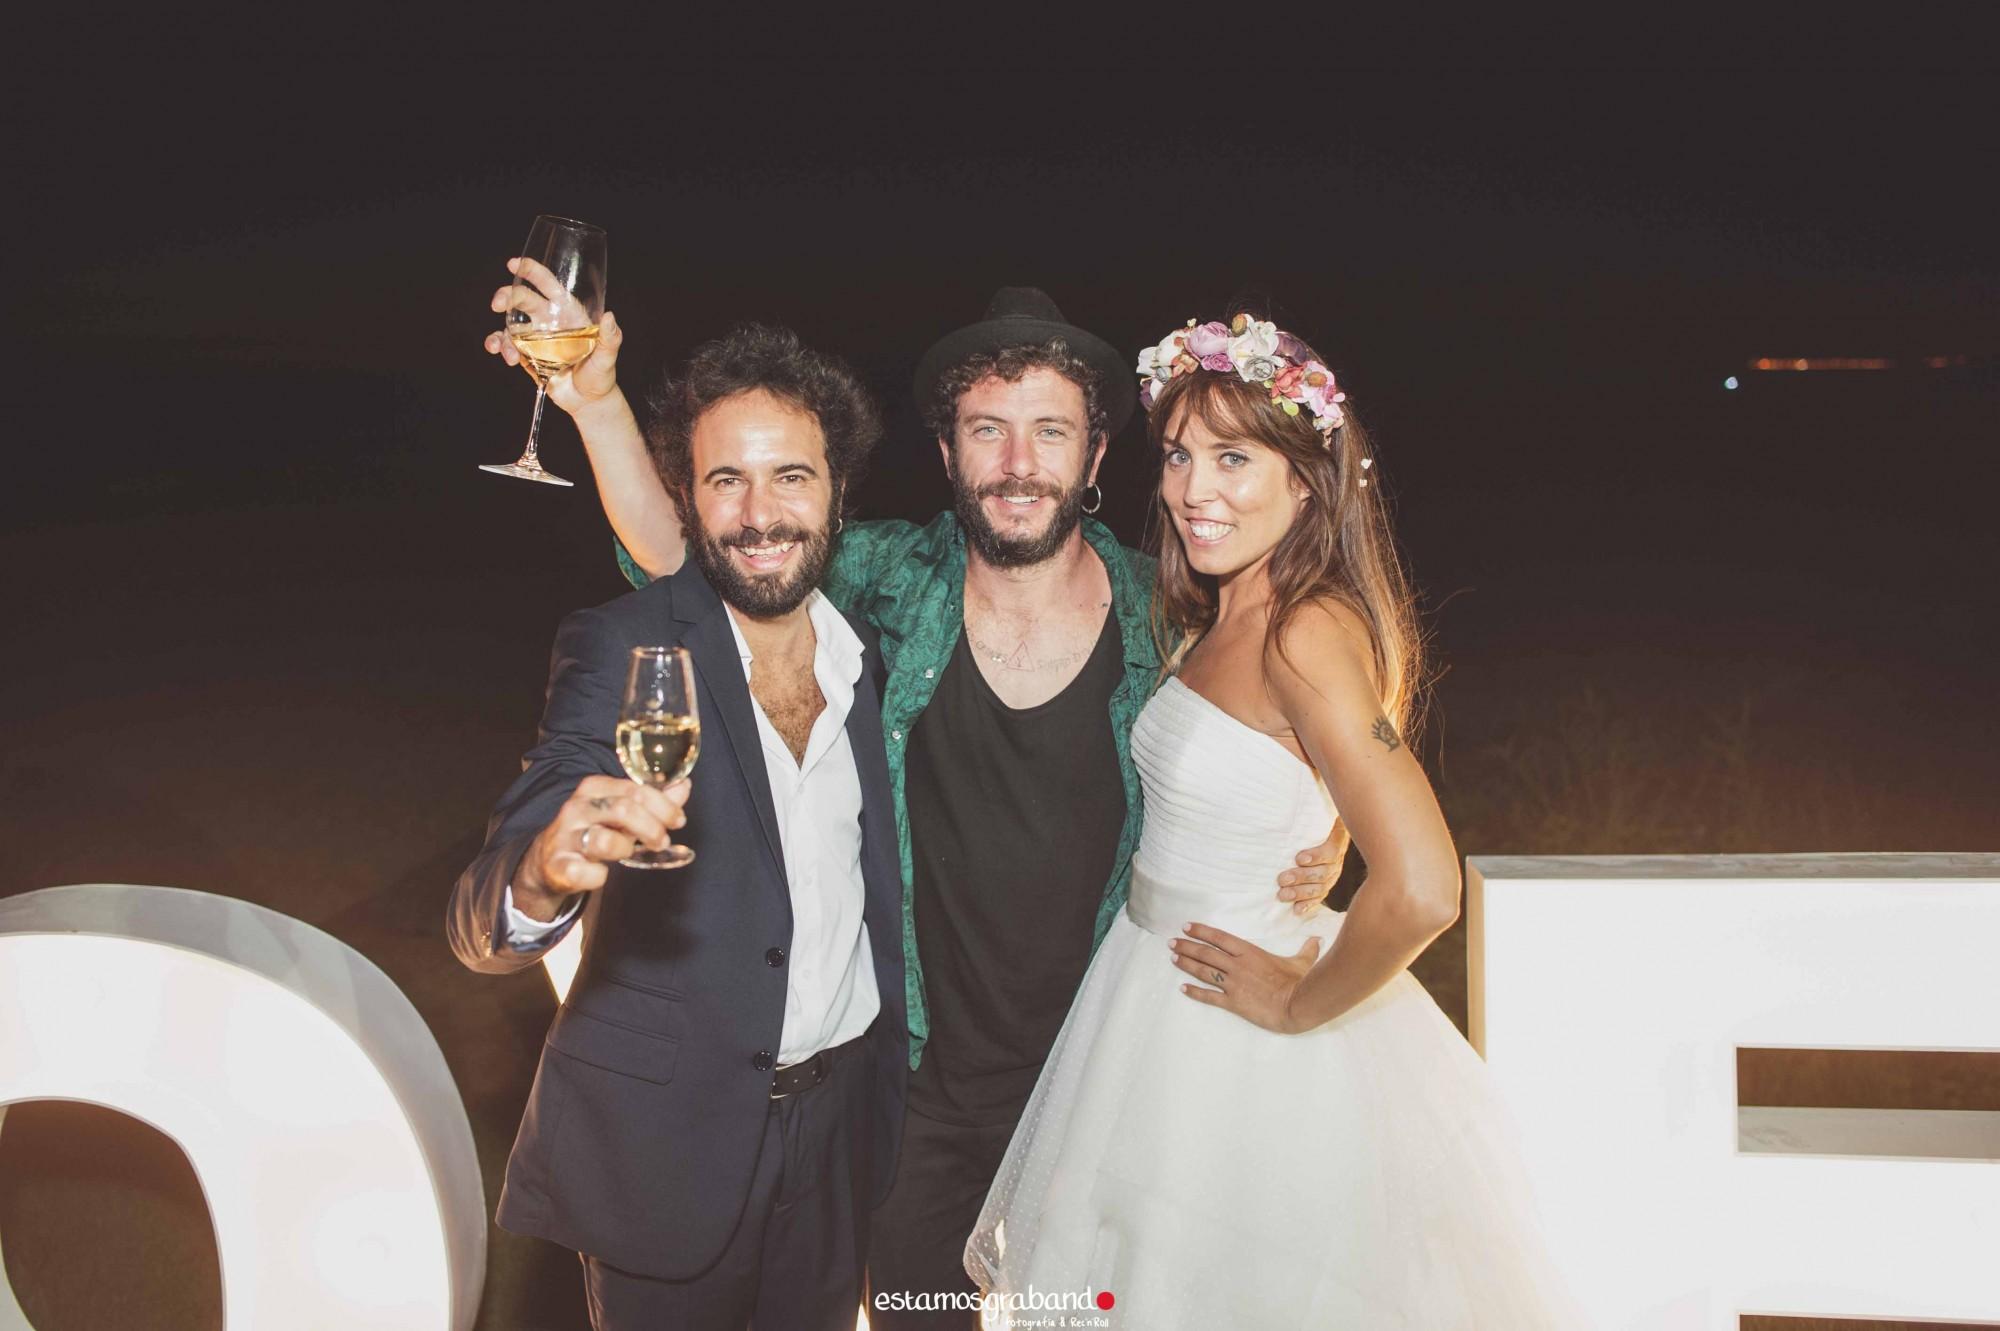 BELENZUQUI-Y-CANIJO-71-de-111 El Canijo de Jerez & La Pequeña Nube - video boda cadiz